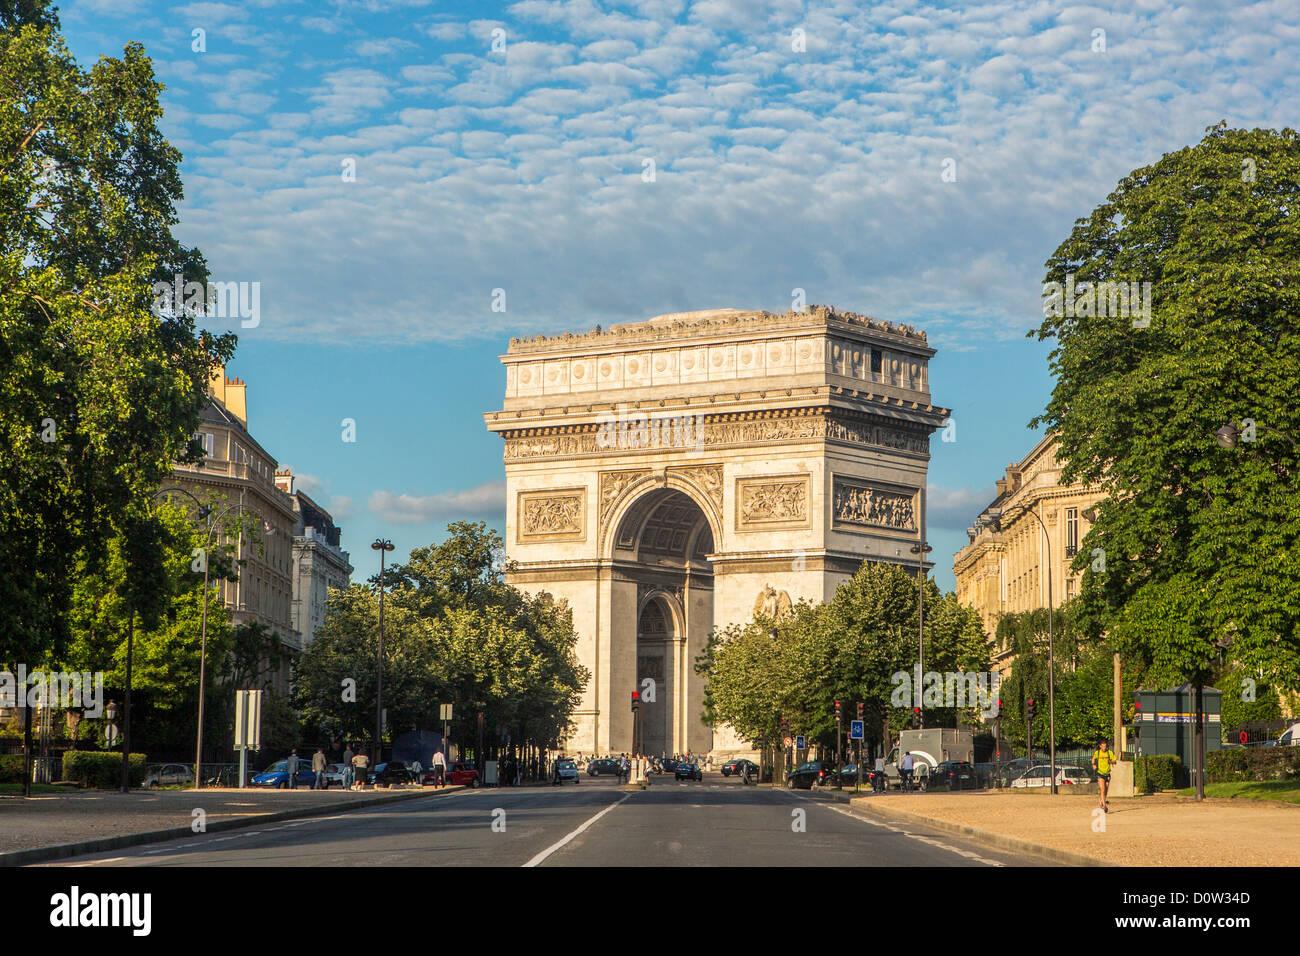 France, Europe, travel, Paris, City, Arc de Triomphe, Triumph, arch, architecture, art, avenue, big, building, buildings, - Stock Image